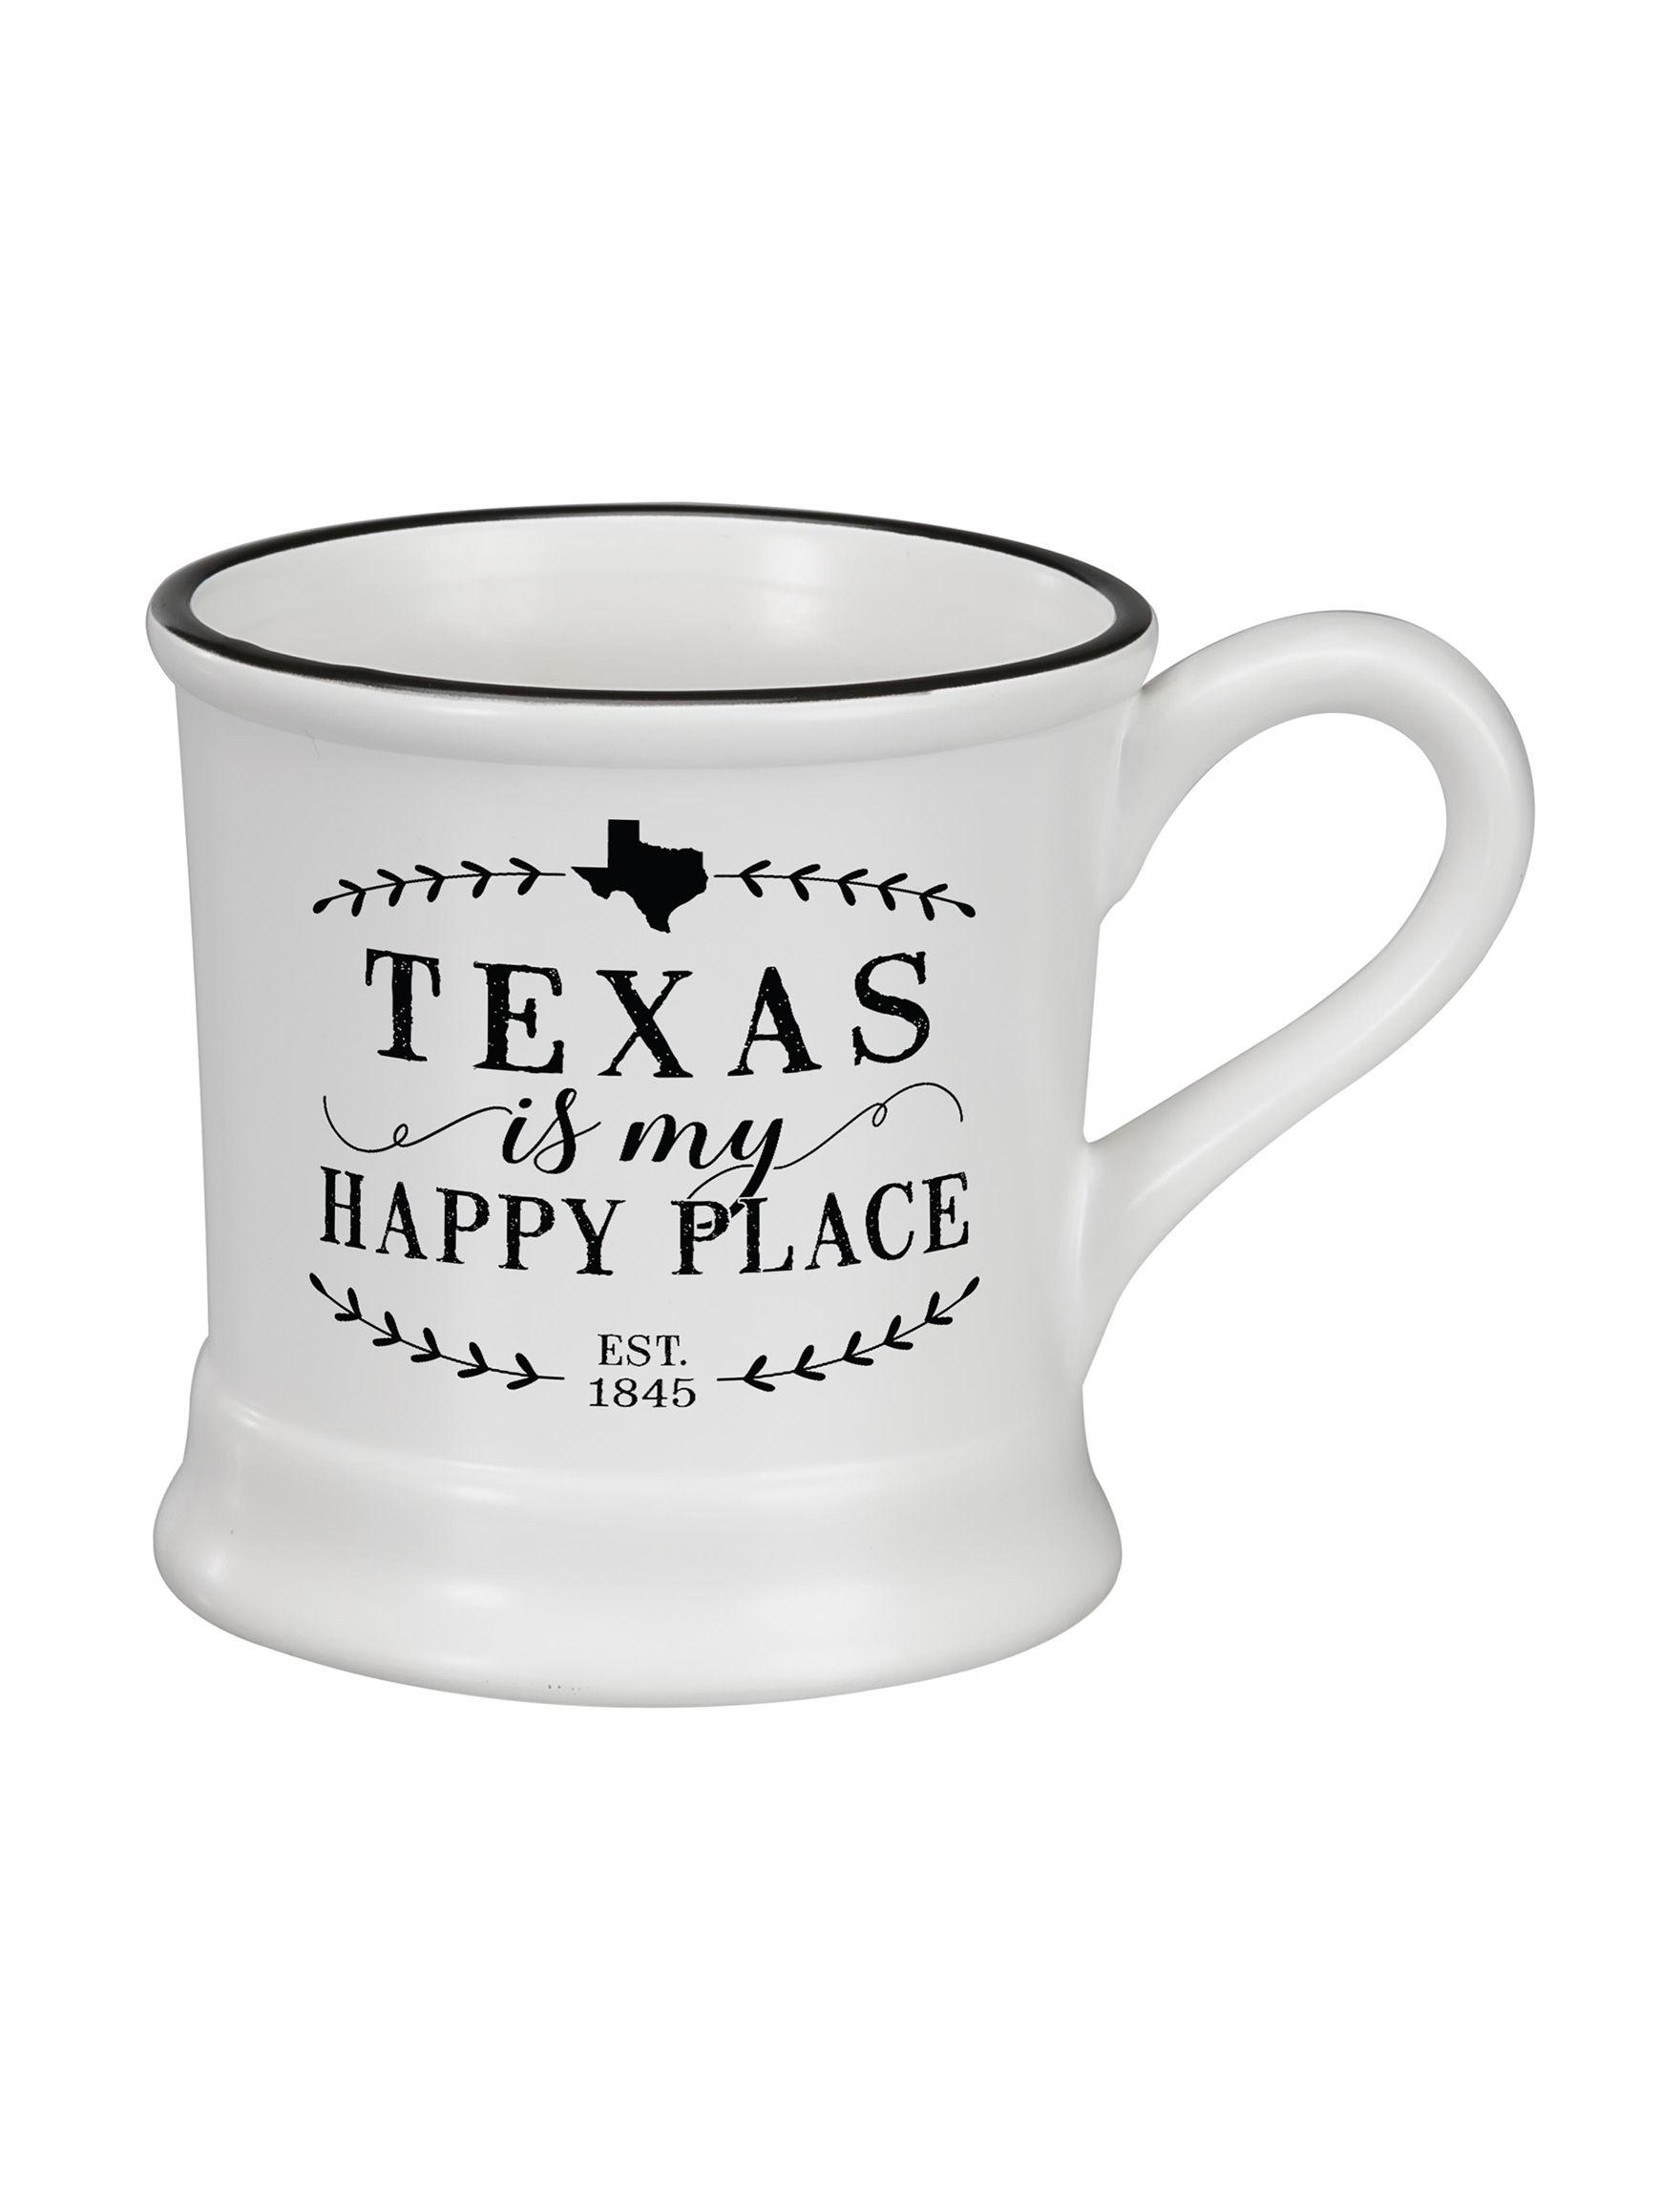 Occasionally Made White Mugs Drinkware